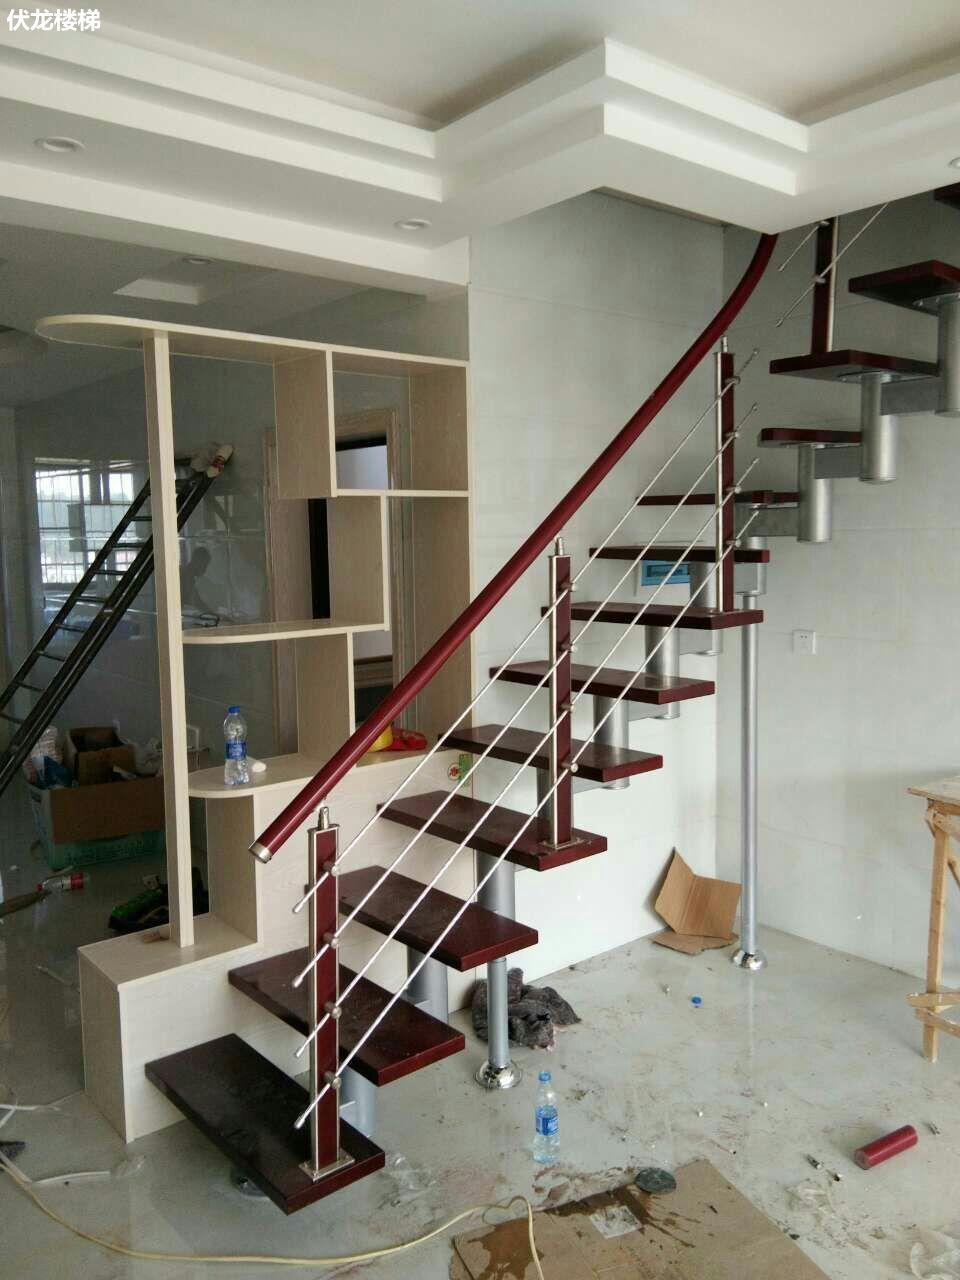 【产品10】阁楼整体楼梯-不锈钢拉丝扶手